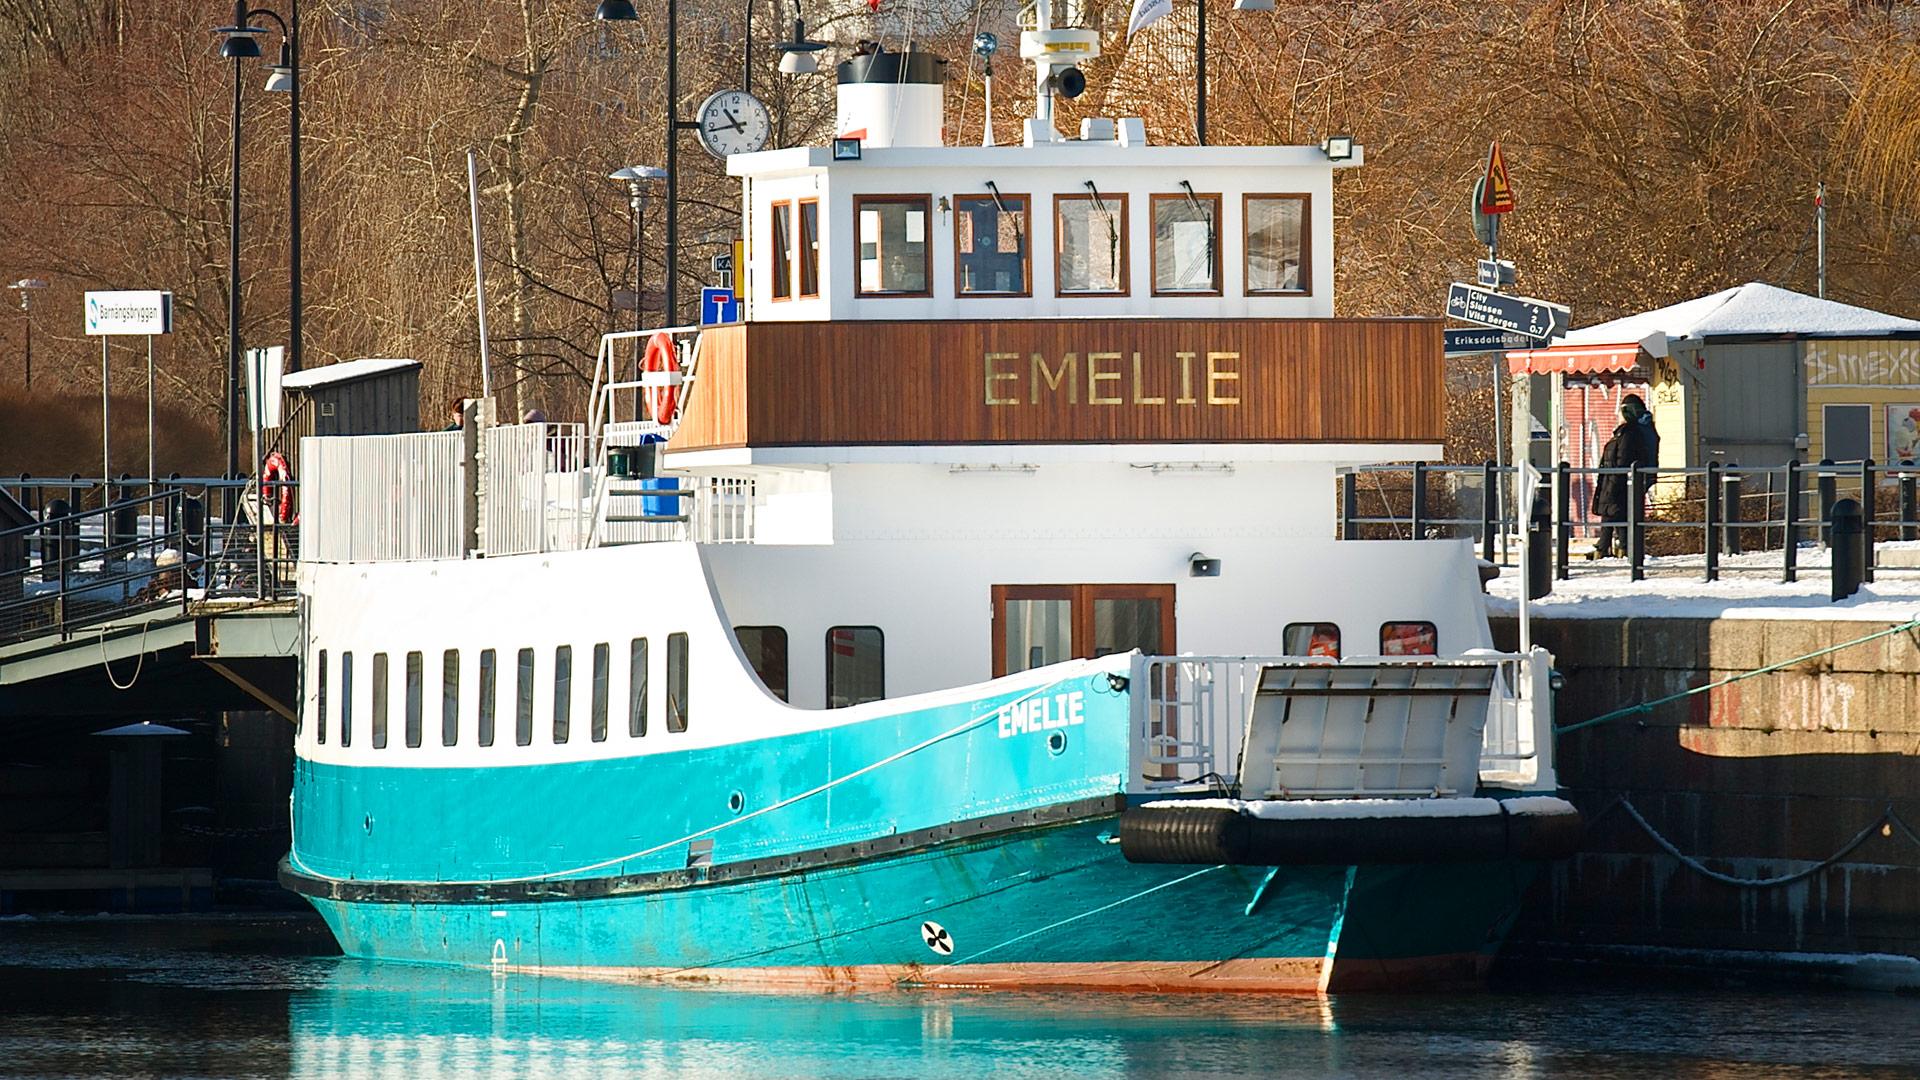 MS Emelie